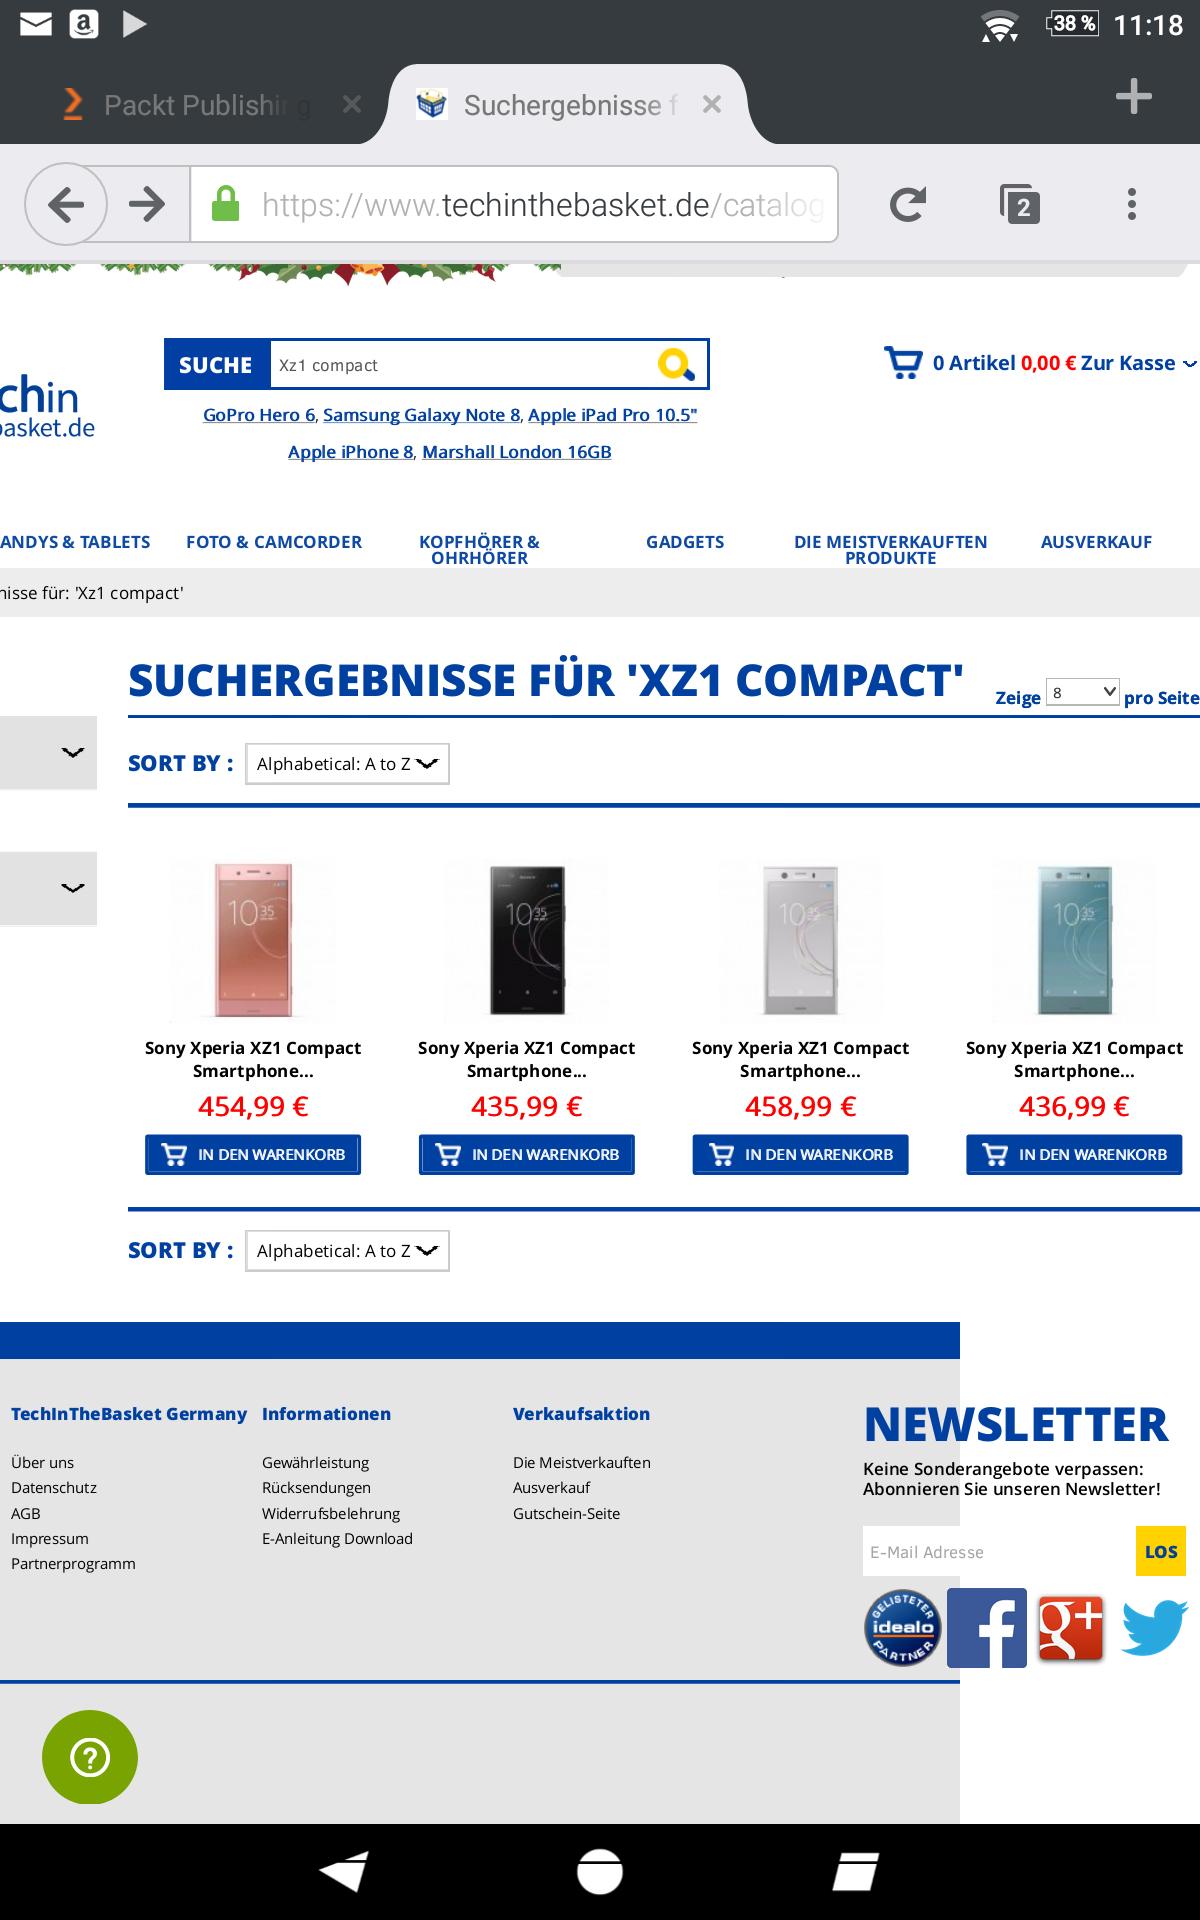 [Update] Sony Xperia XZ1 Compact für 364 € in schwarz, in silber für 369 €